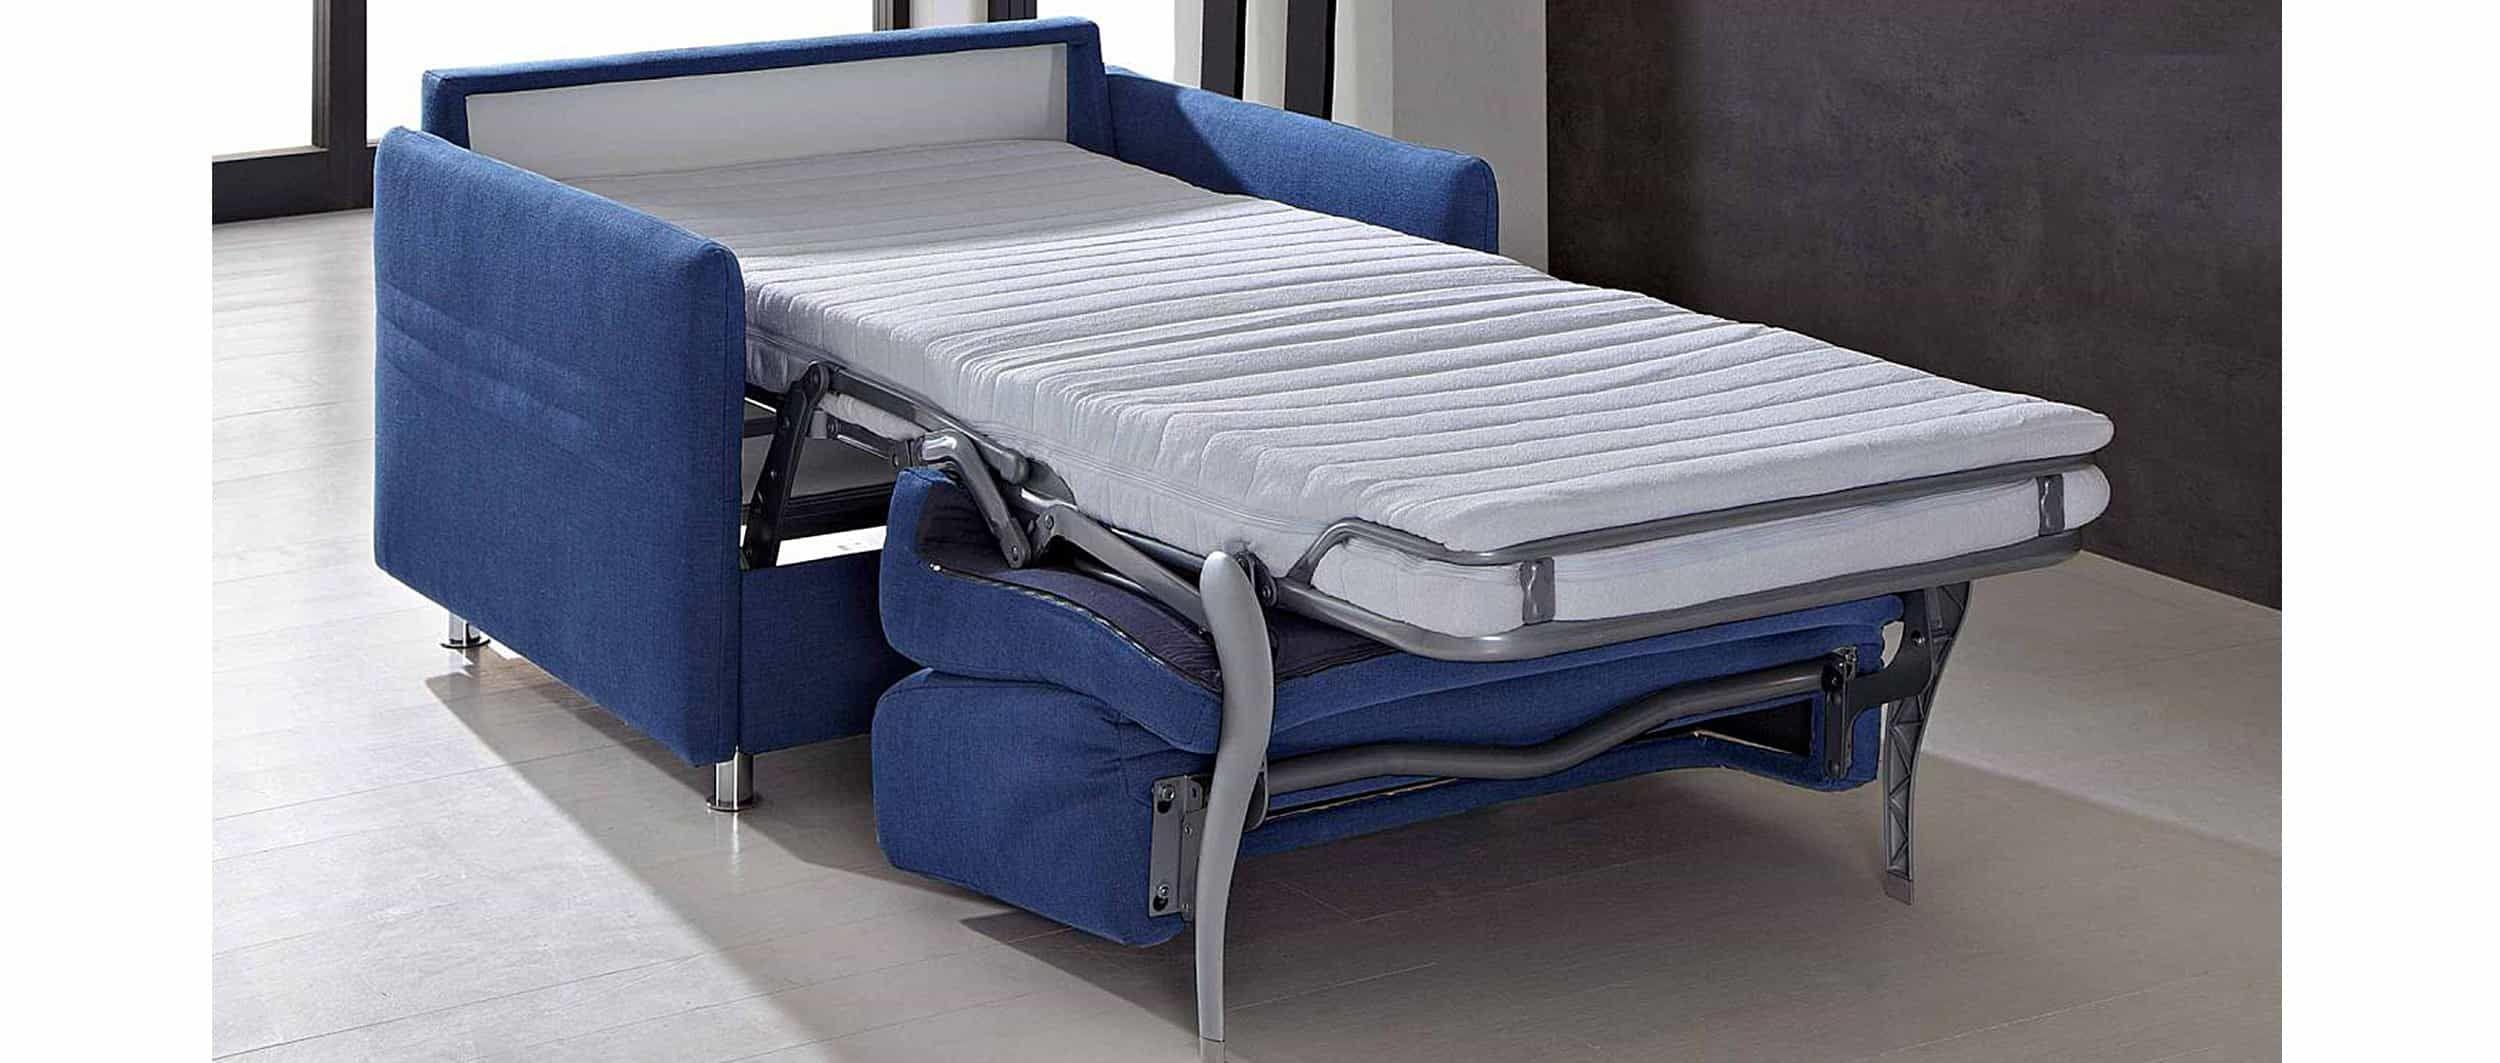 Hamburg Deluxe Schlafsessel Mit Matratze Und Lattenrost Von Sofaplus Mysofabed De Schlafsessel Bett Mit Lattenrost Sessel